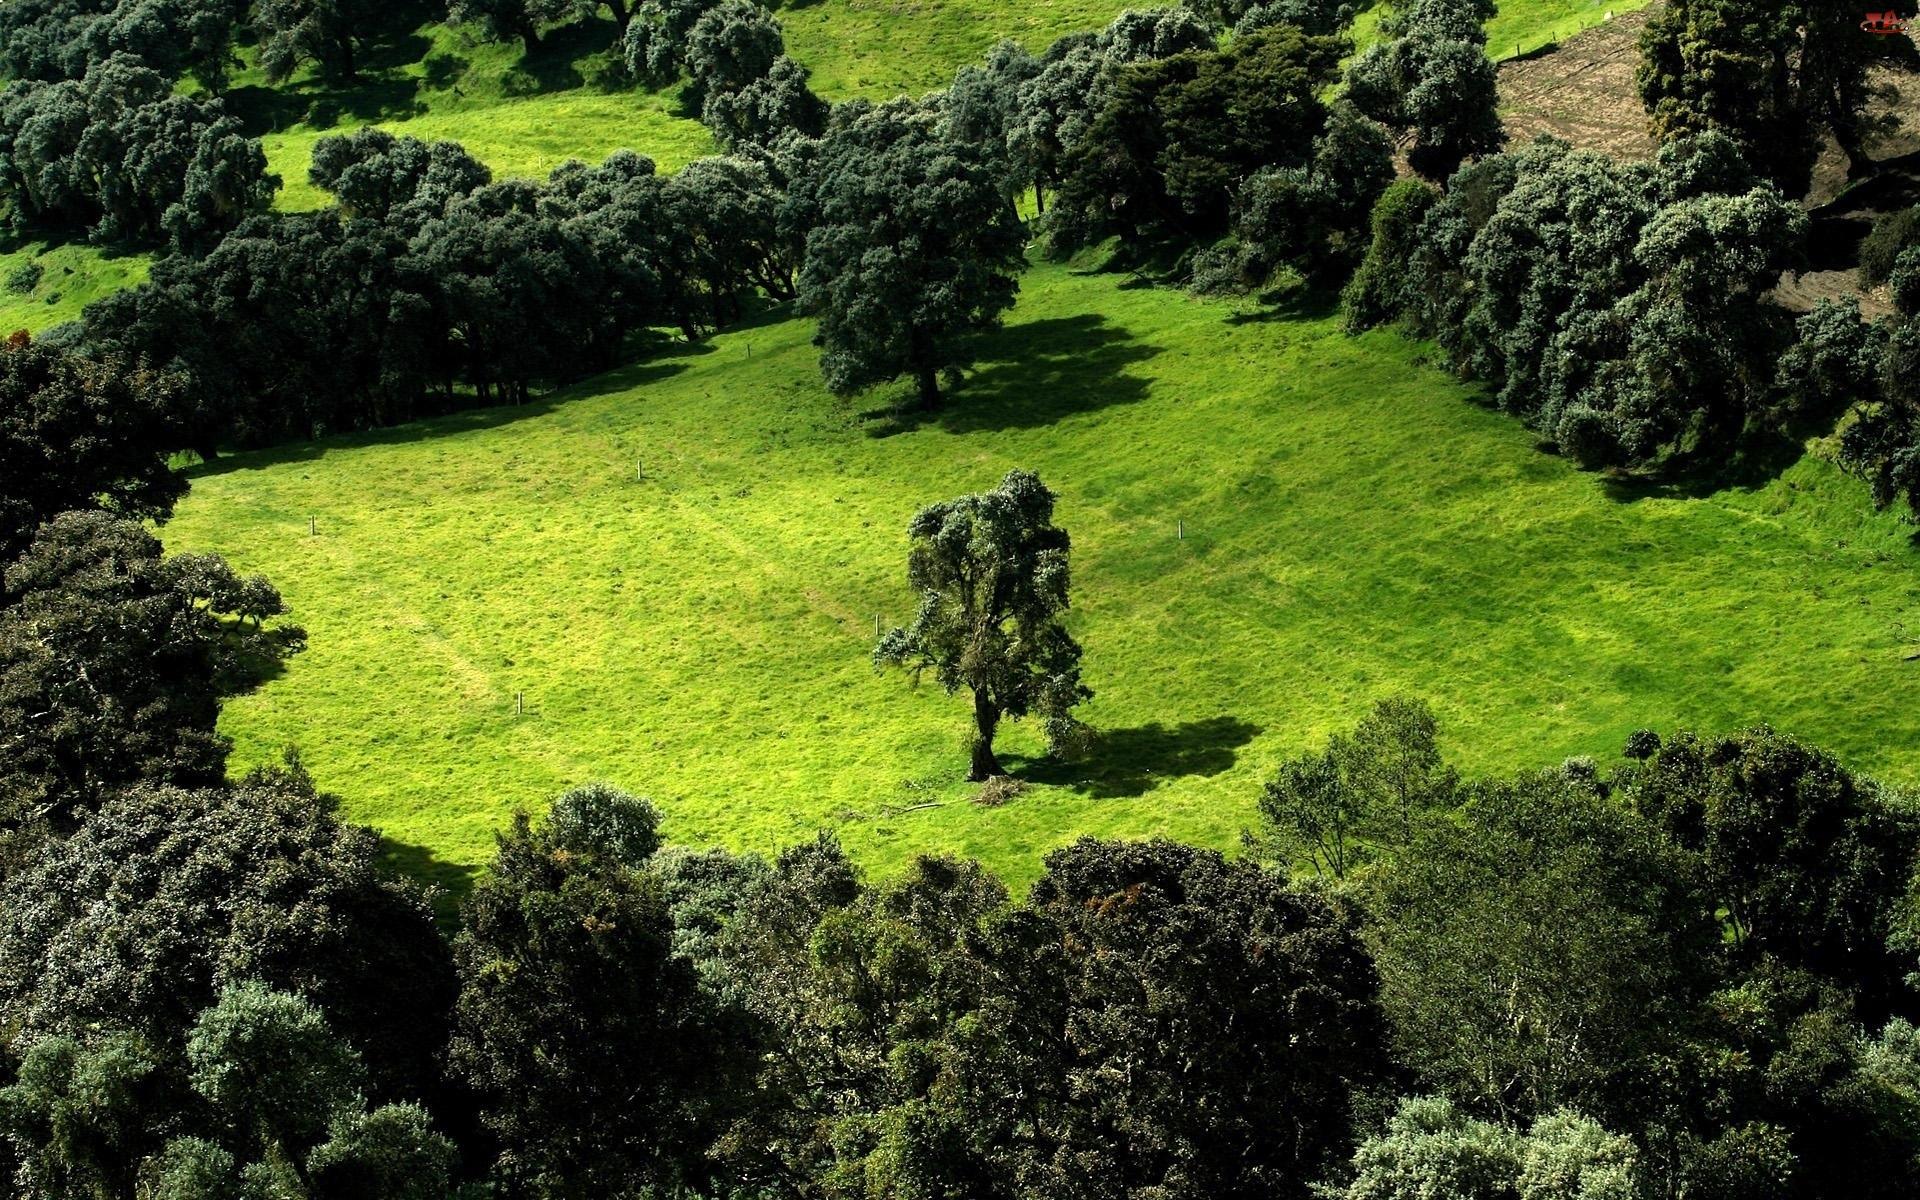 Drzewa, Drzewo, Polana, Samotne